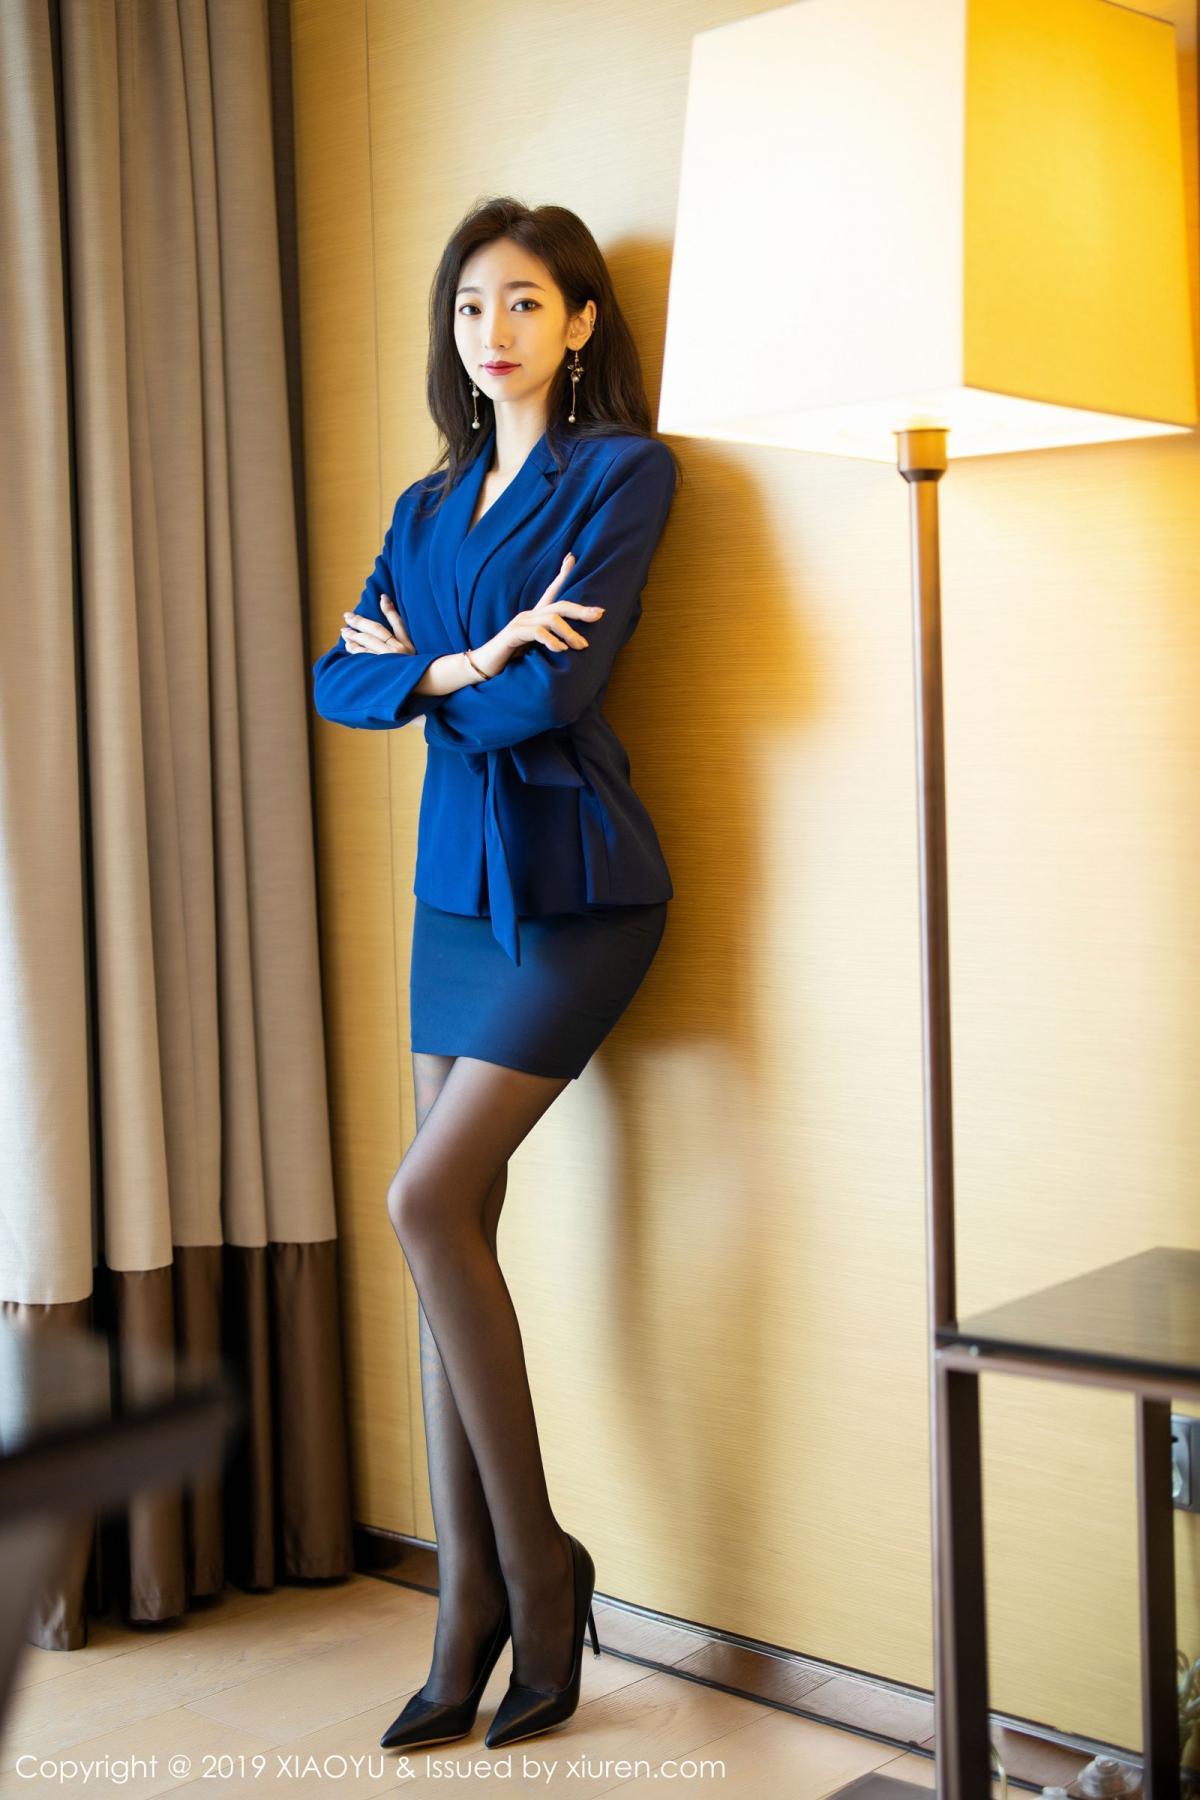 [XiaoYu] Vol.203 An Qi Yee 1P, An Qi Yee, Black Silk, Tall, Uniform, XiaoYu